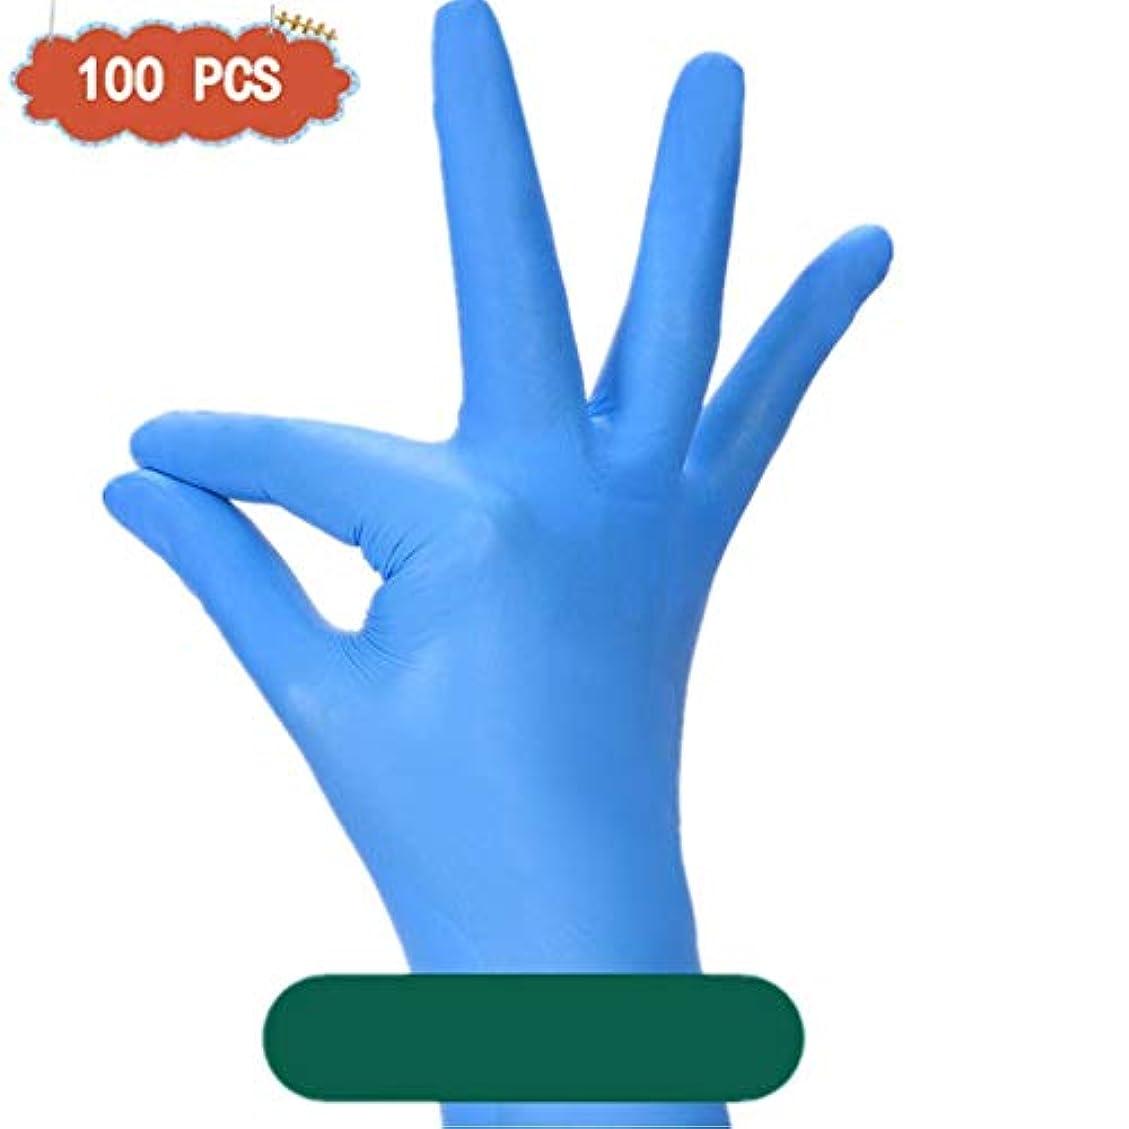 物語順応性圧倒的ニトリル手袋、12インチの食器洗い用滑り止め防水ゴムと長い厚い使い捨て手袋ペットケアネイルアート検査保護実験、美容院ラテックスフリー、100個 (Size : L)